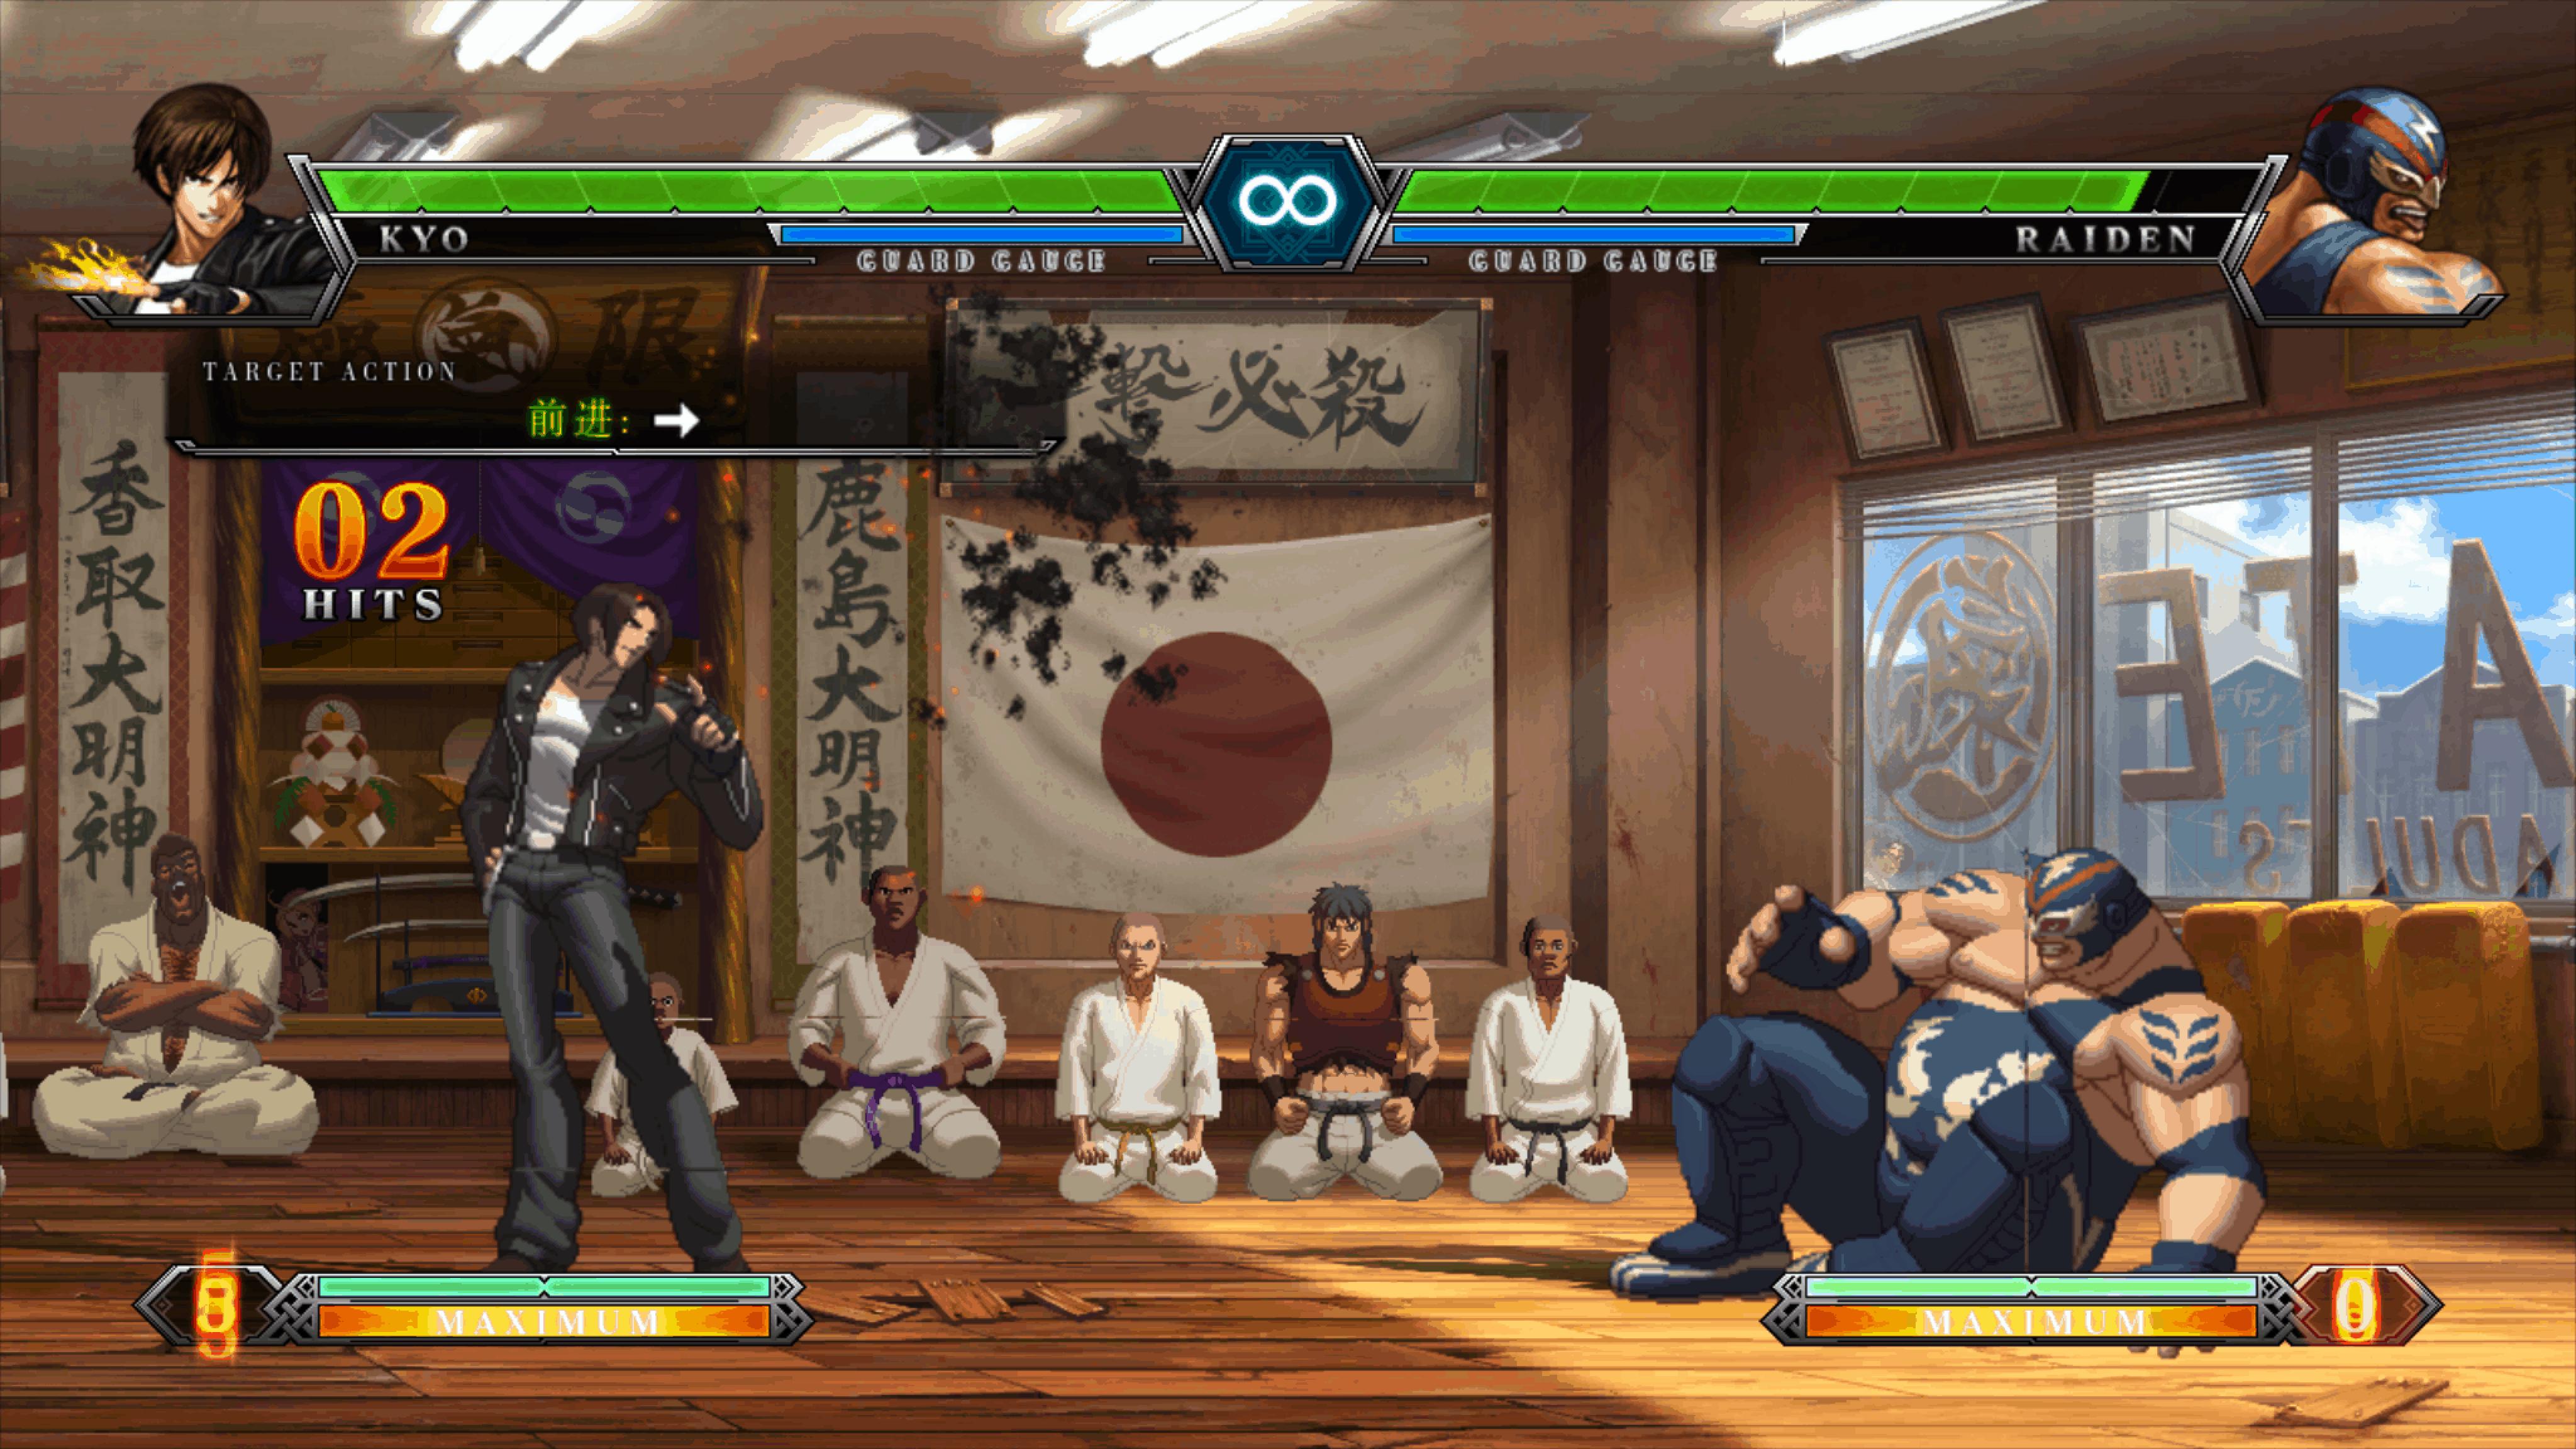 拳皇13 for Mac 街机格斗游戏 兼容10.15 团队竞技 第3张